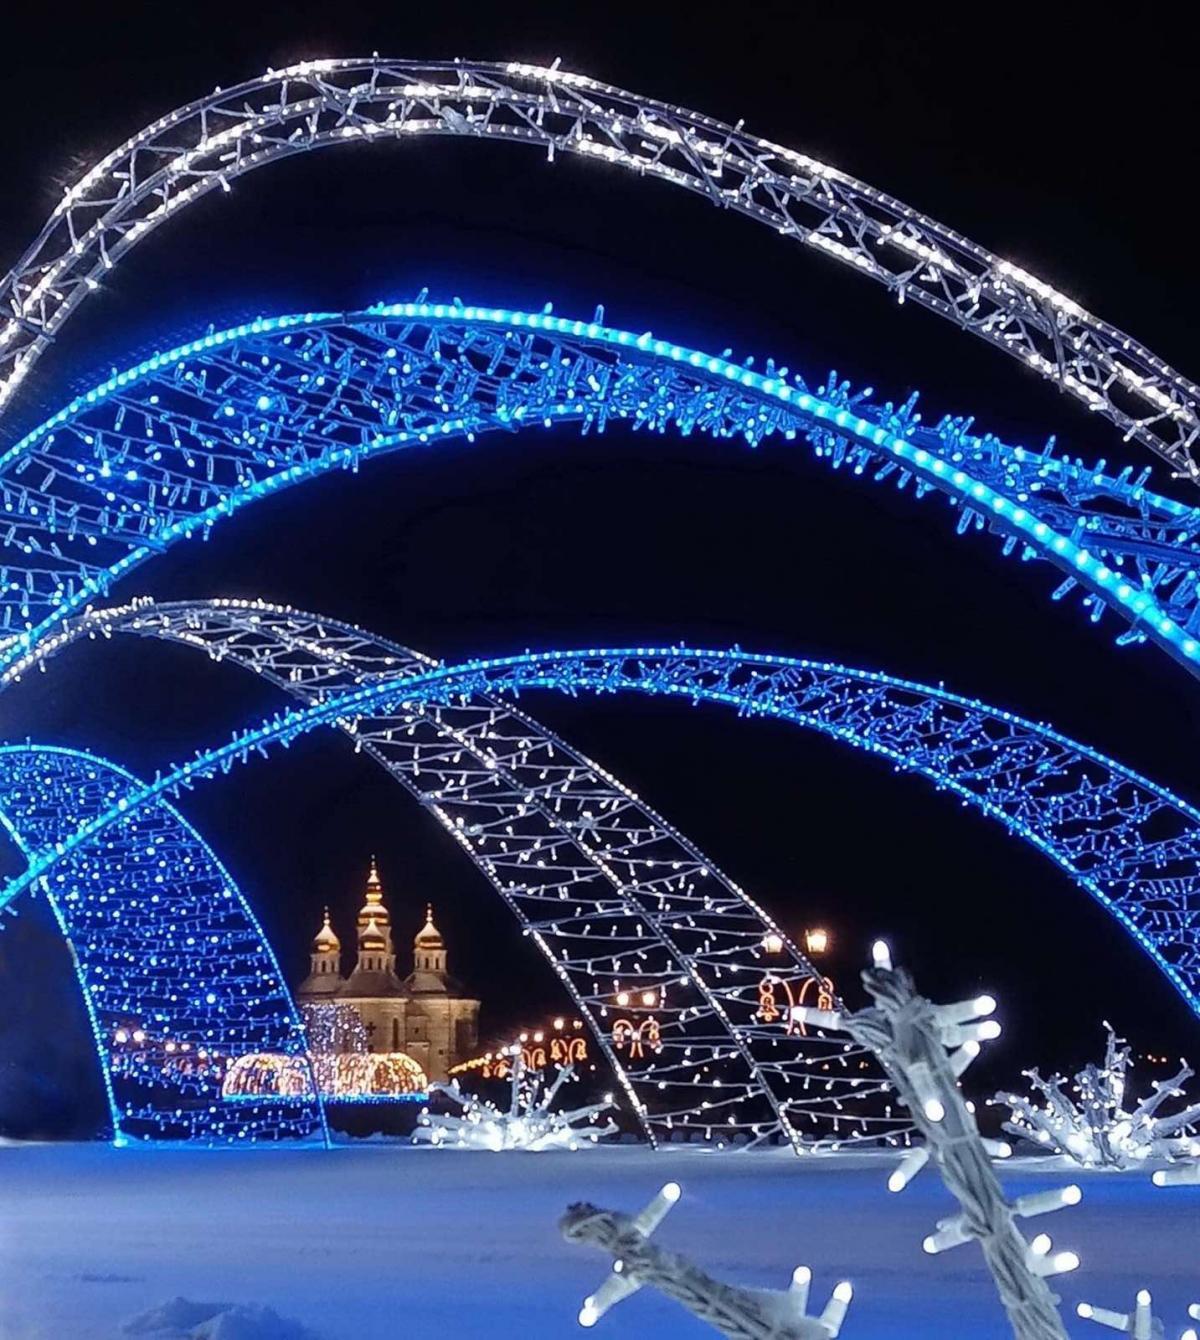 Катеринська церква в Чернігові зі святковою ілюмінацією / фото Антоніна Нечай